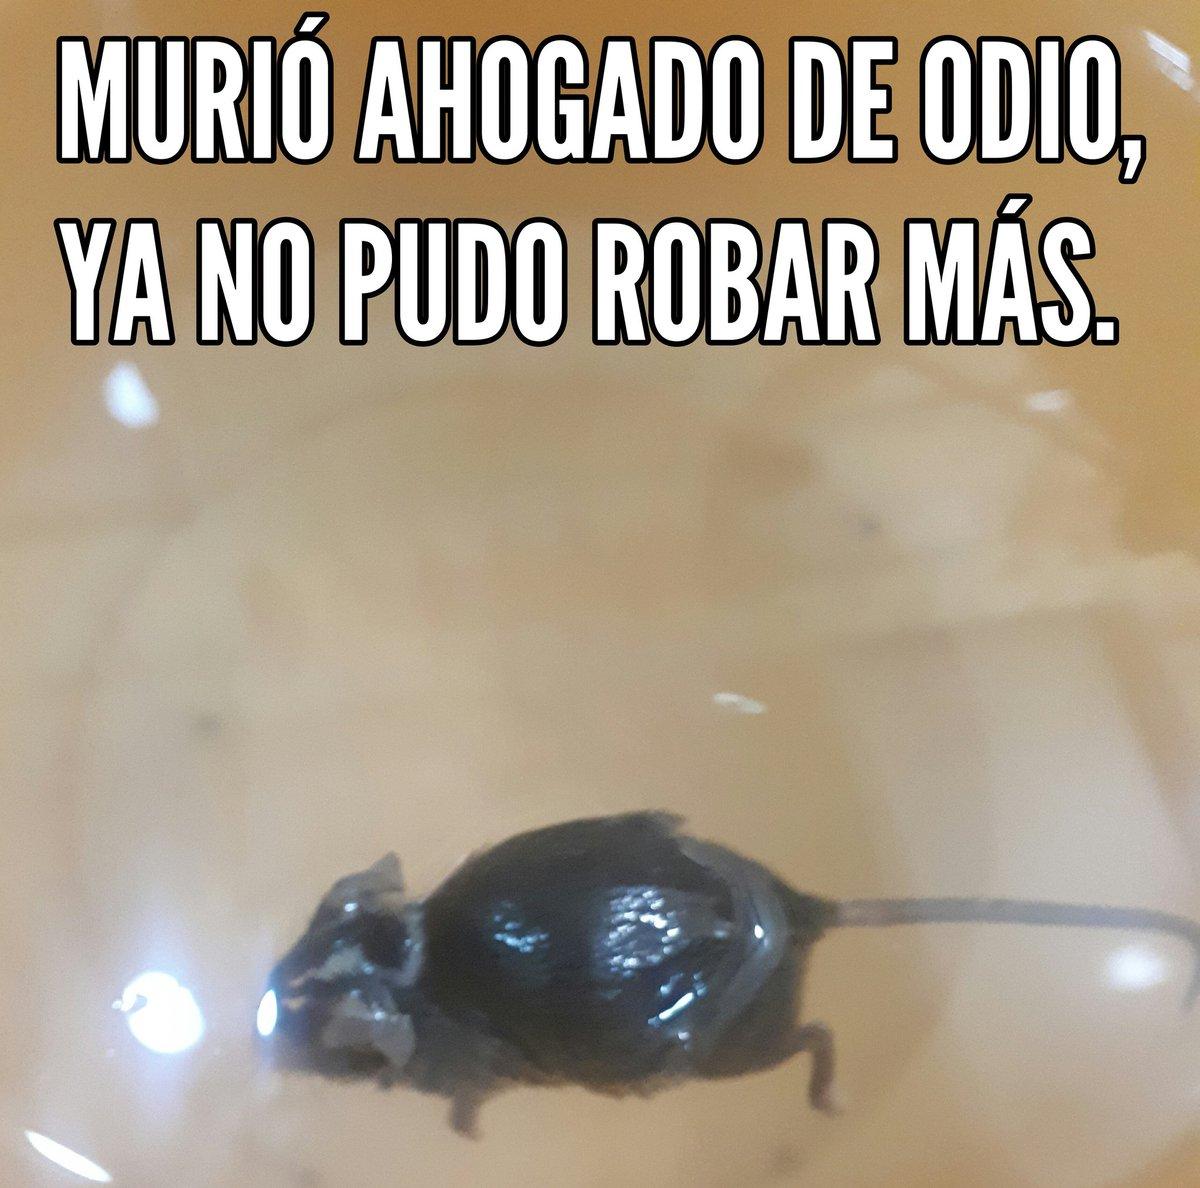 Un minuto de silencio para esas ratas que no pueden robar al pueblo, y están llenos de ardor. #AmloElMejorPresidenteDelMundo Saludos a quienes trabajamos por un México mejor @FabianElDeMich @Tumbapuercoss @TigreChairo @ChairoMexicano @ChemoPonce @AlExCoL1201 @JORGEMA05532111